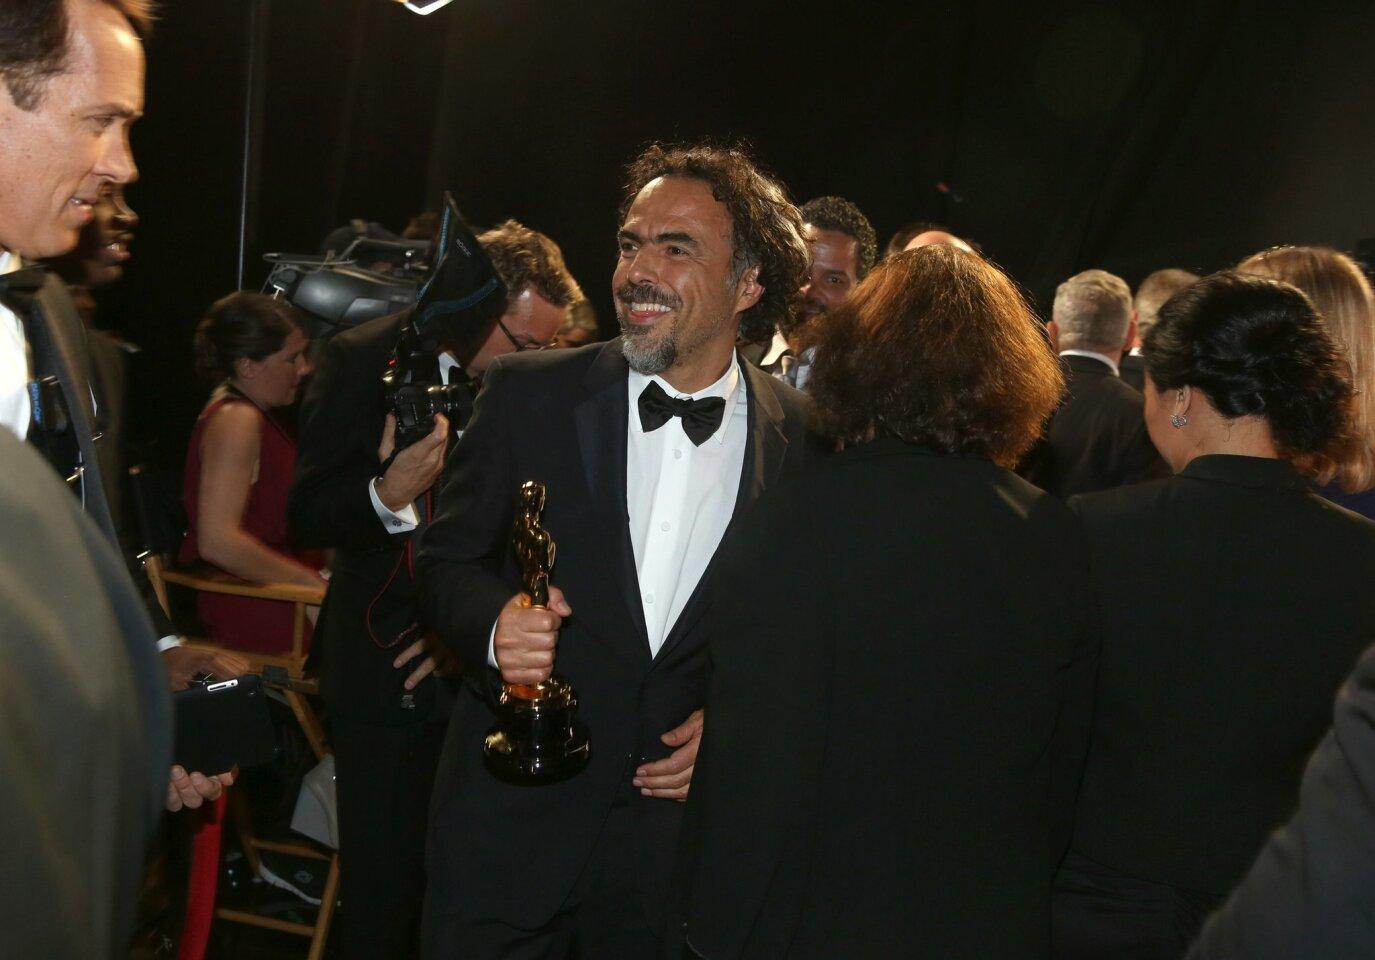 La noche de Birdman en los Óscar